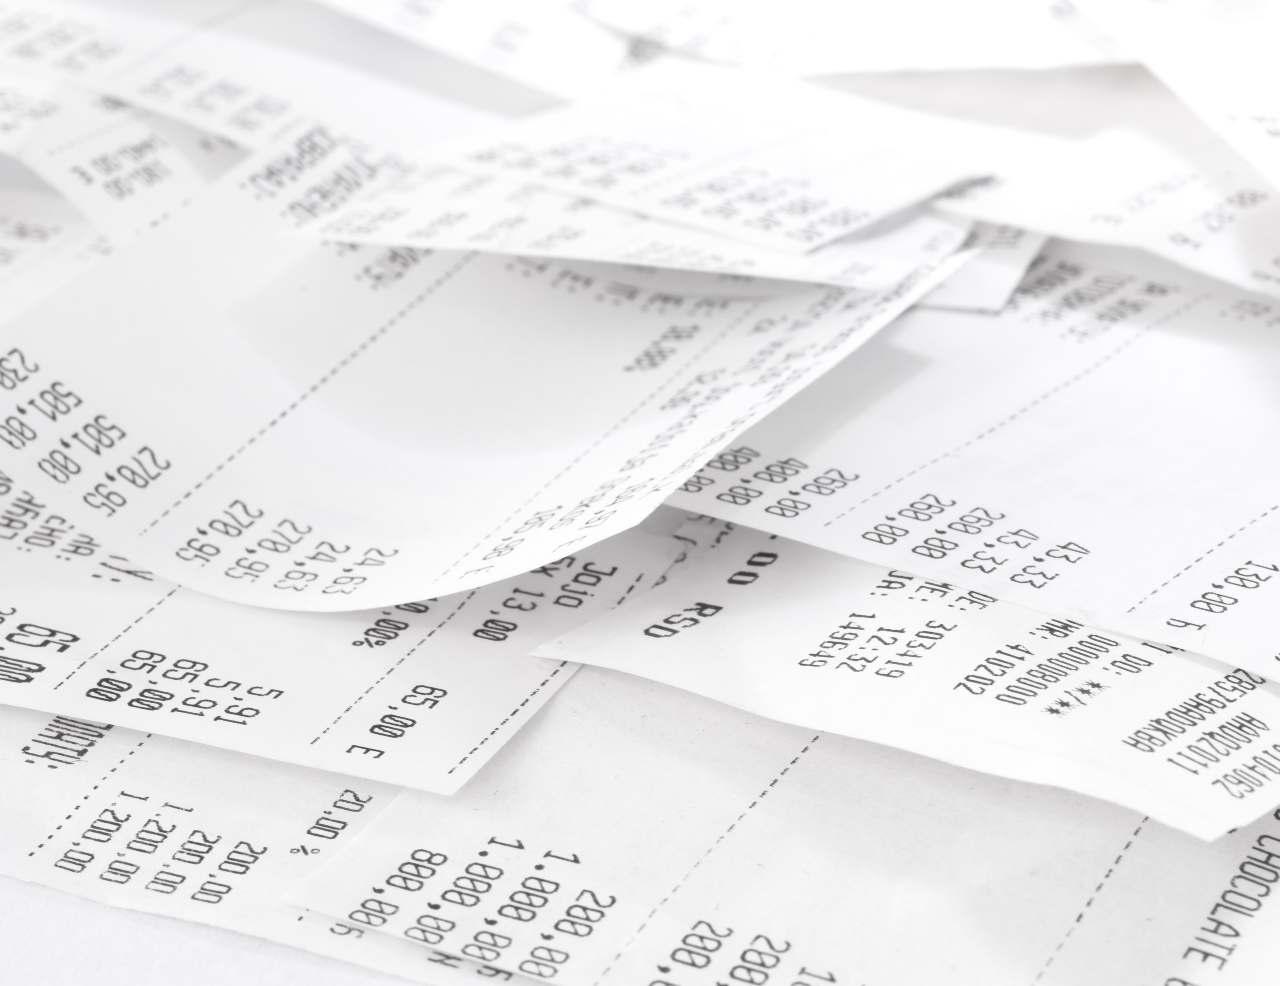 Lotteria degli scontrini, corsa a ostacoli (Adobe Stock)